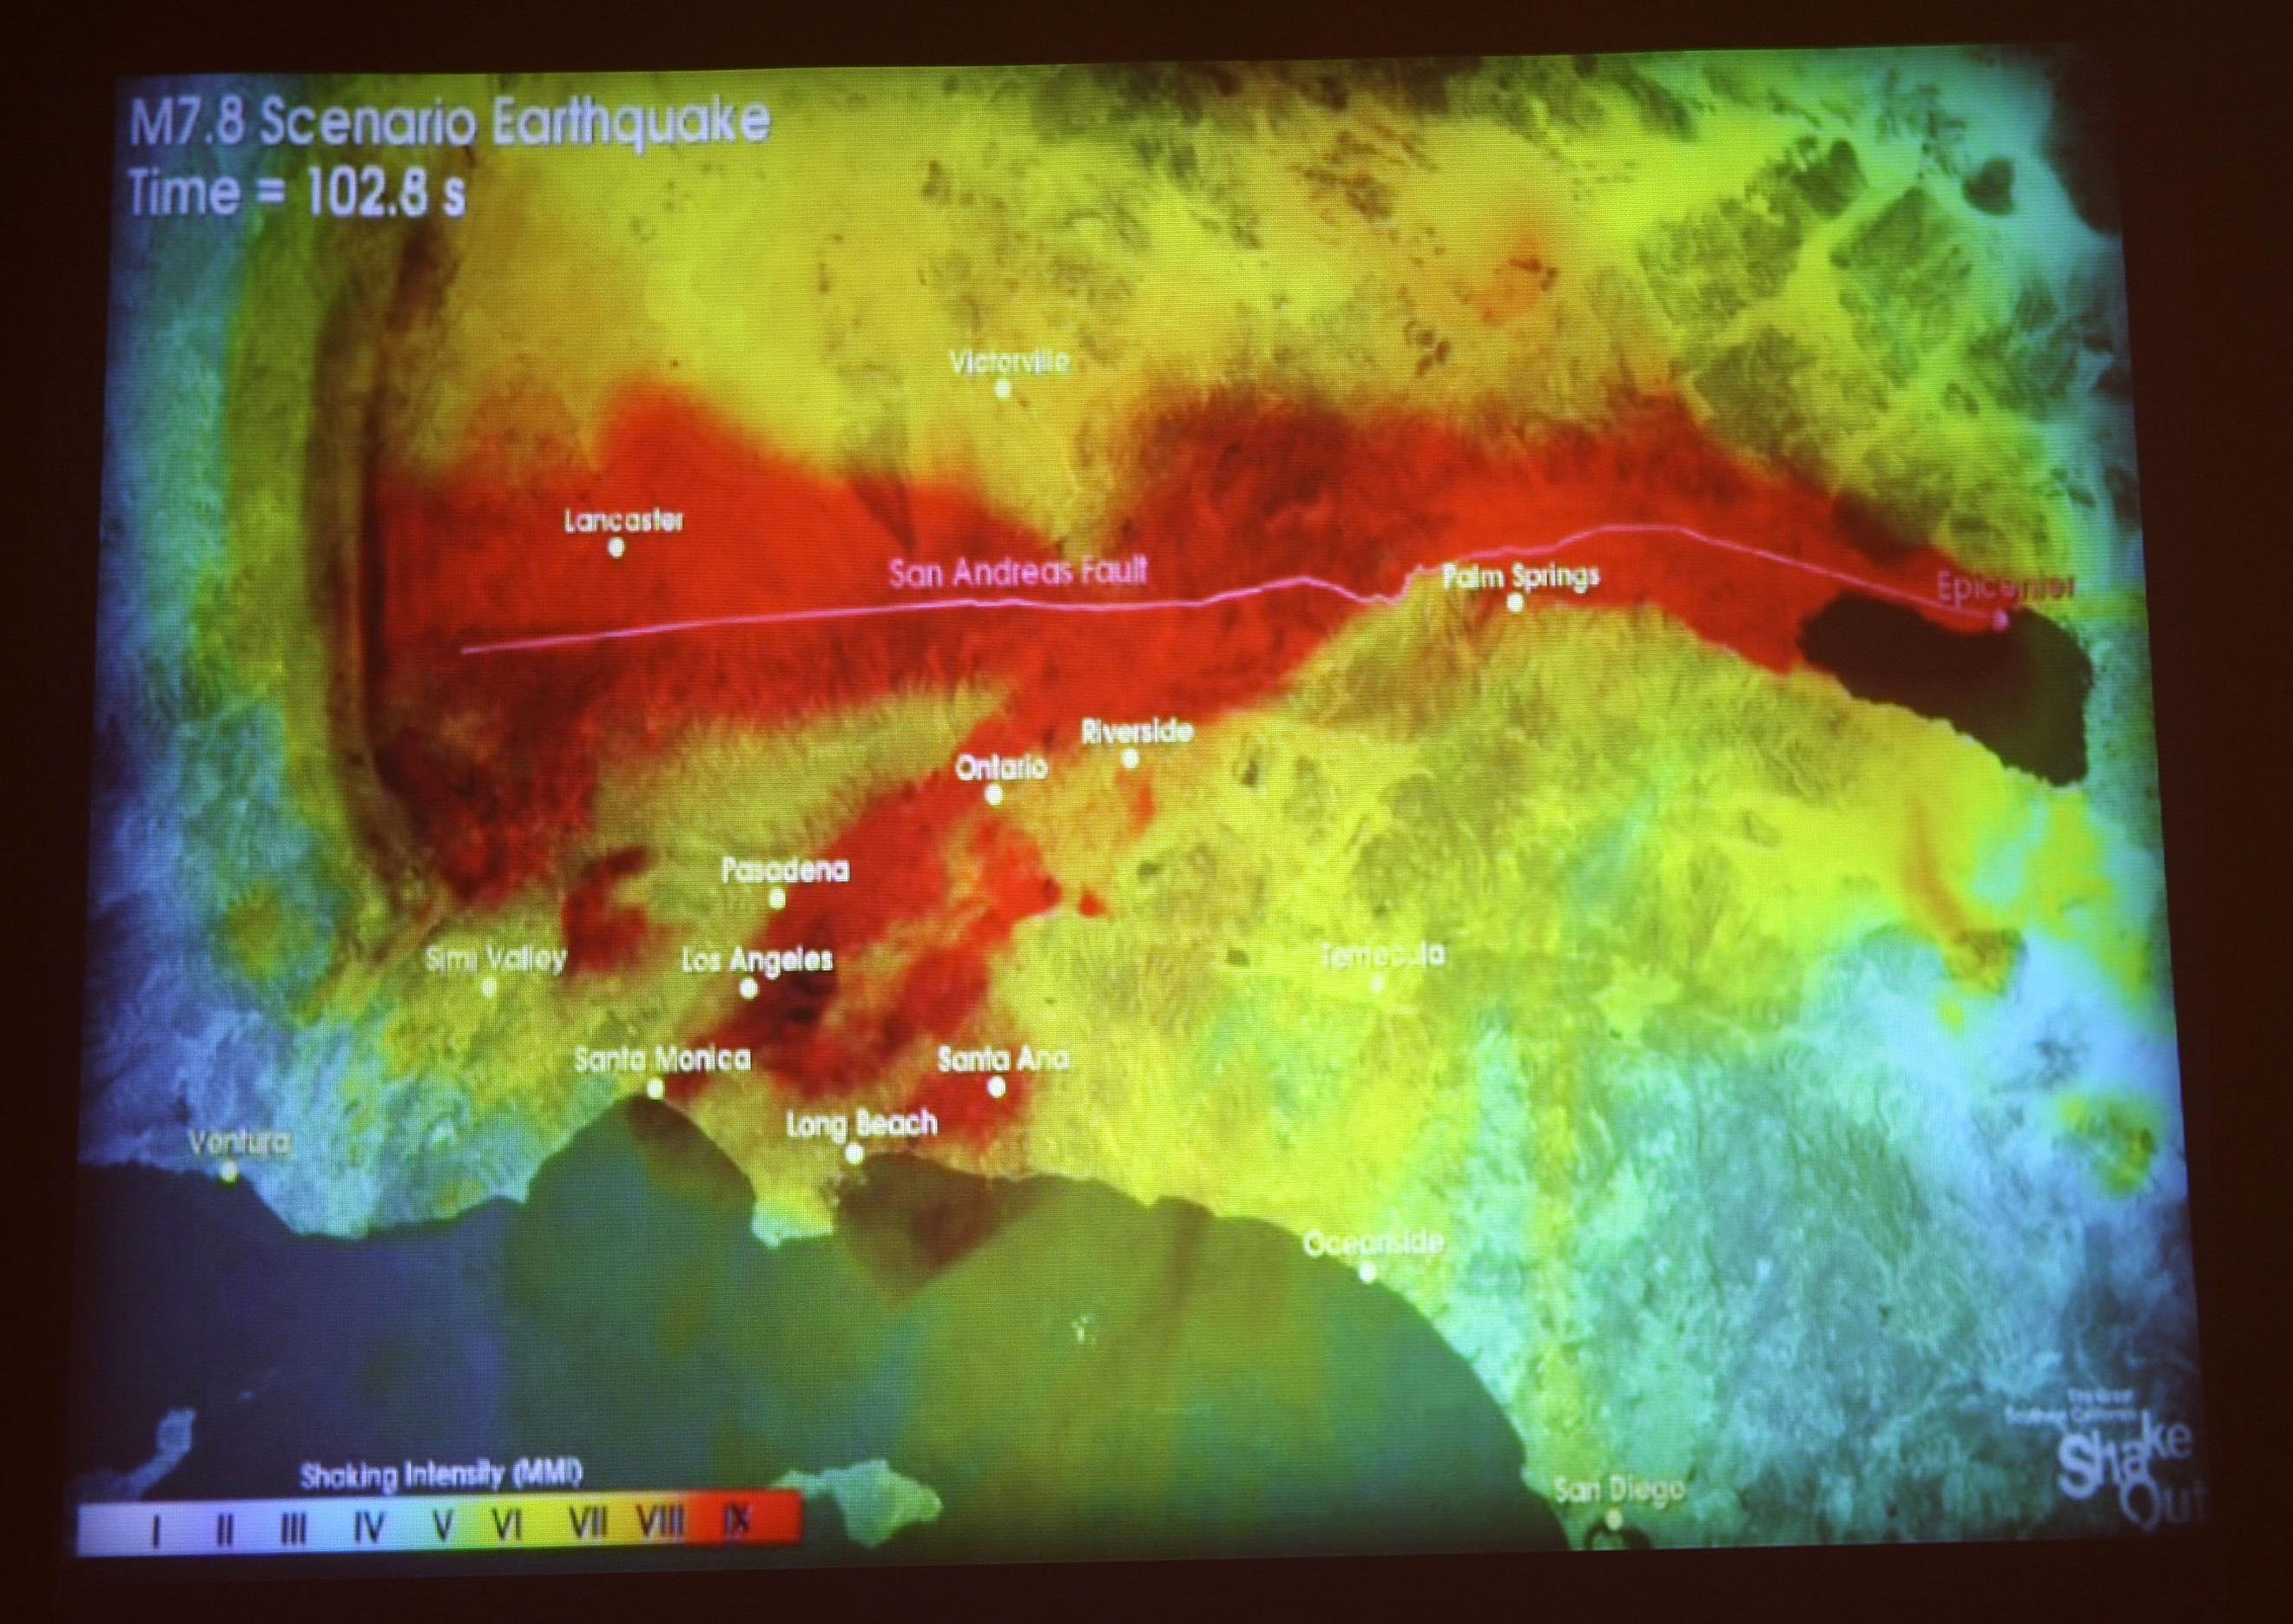 Sube el riesgo de un gran terremoto en California para los próximos ...